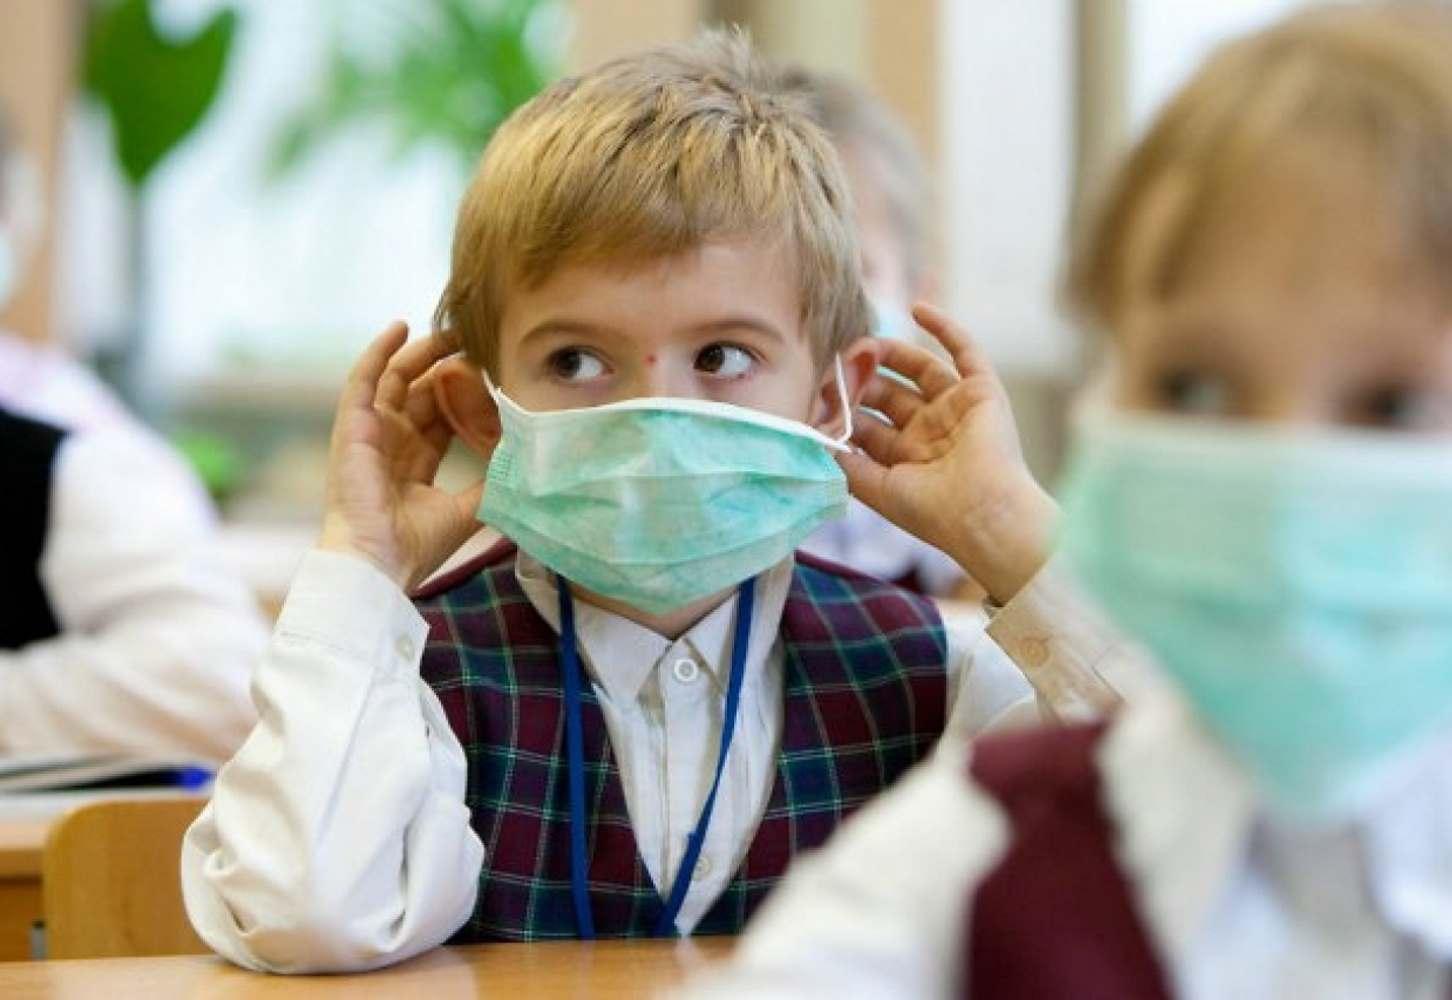 Минпросвещения: в российских школах нет массовых вспышек коронавируса